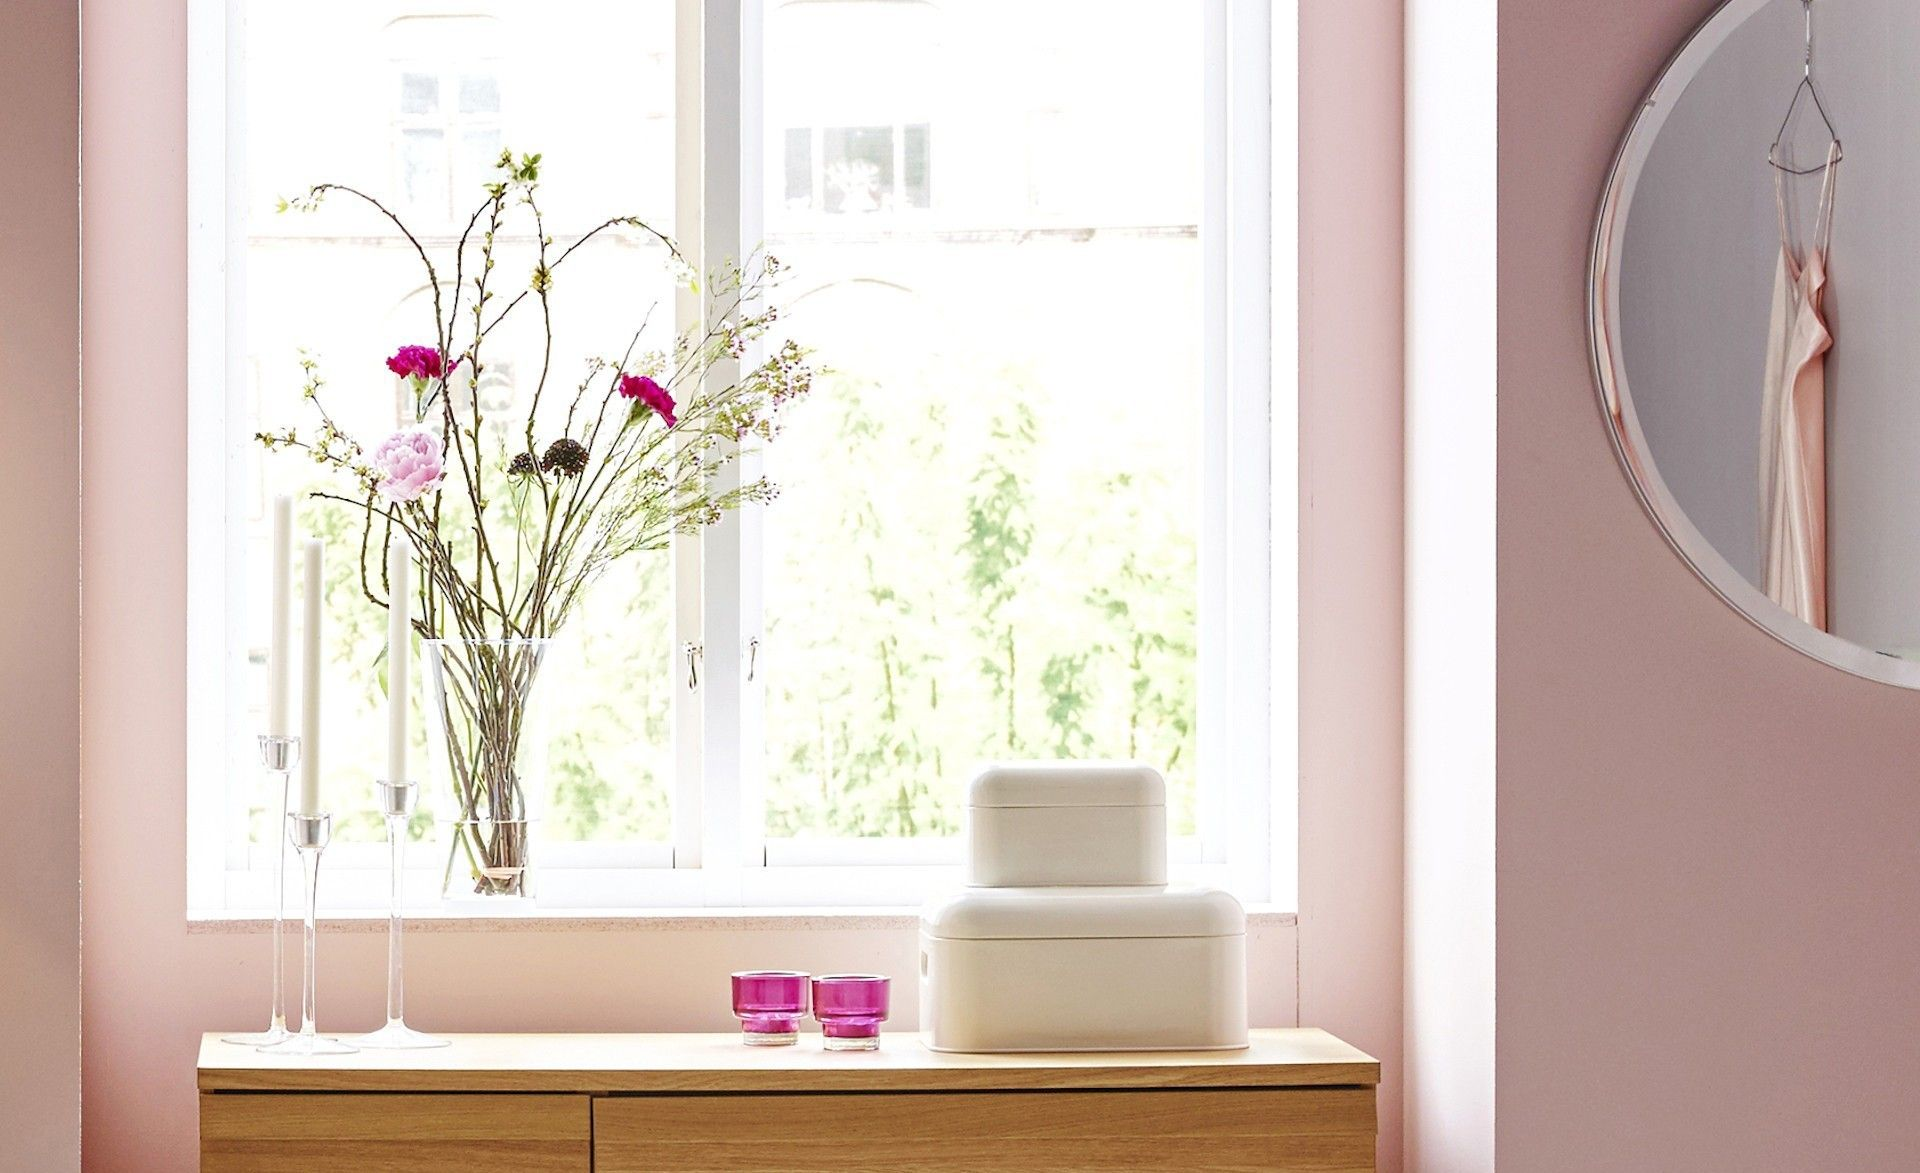 fensterbank deko ideen die jedes ambiente auffrischen. Black Bedroom Furniture Sets. Home Design Ideas